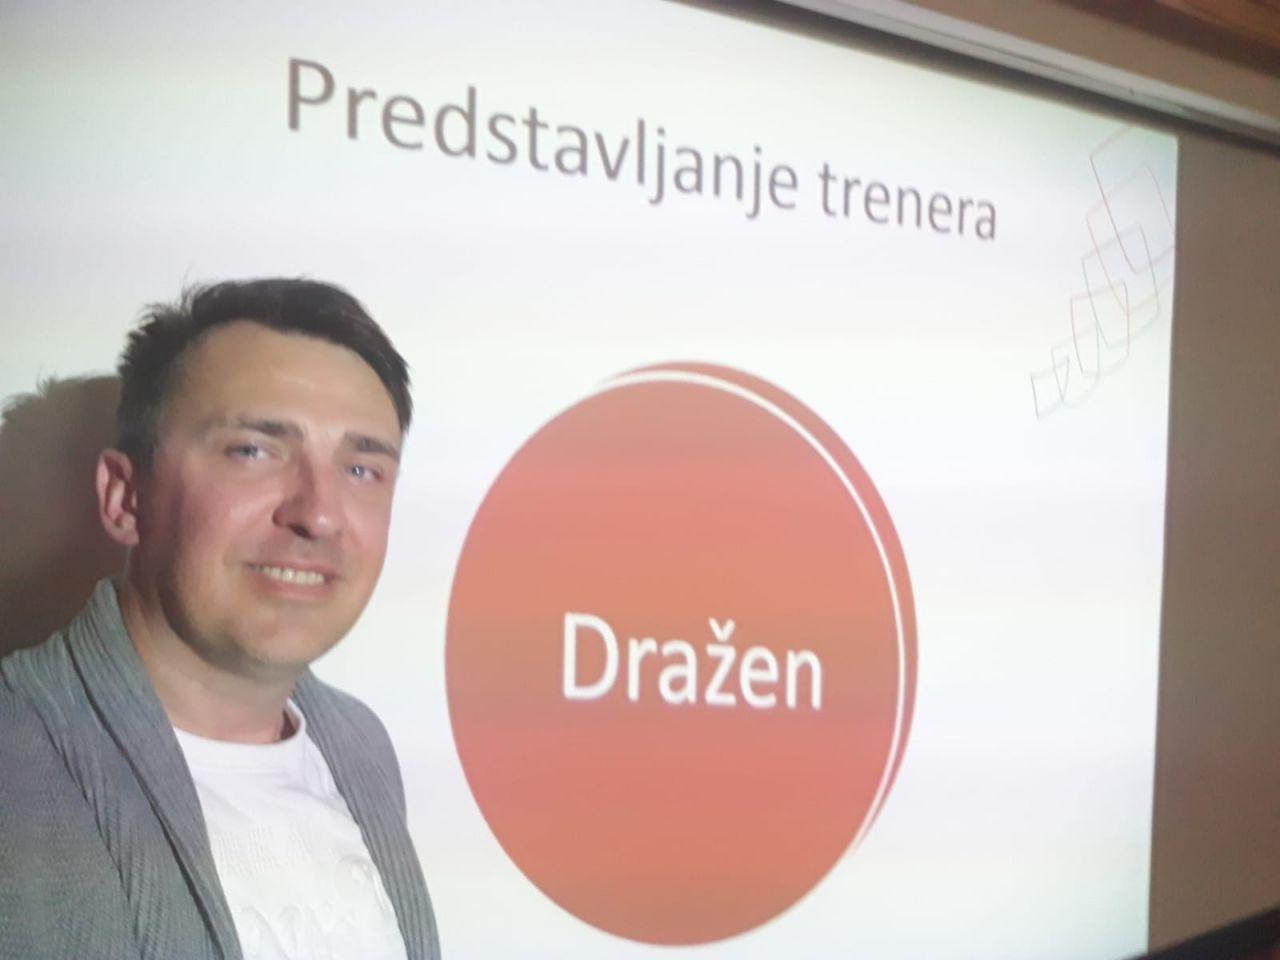 UPRAVLJANJE KOMUNIKACIJSKIM STILOM I PRILAGOĐAVANJE INTERAKCIJE S GOSTIMA - Dražen Trogrlić; gostujuće predavanje